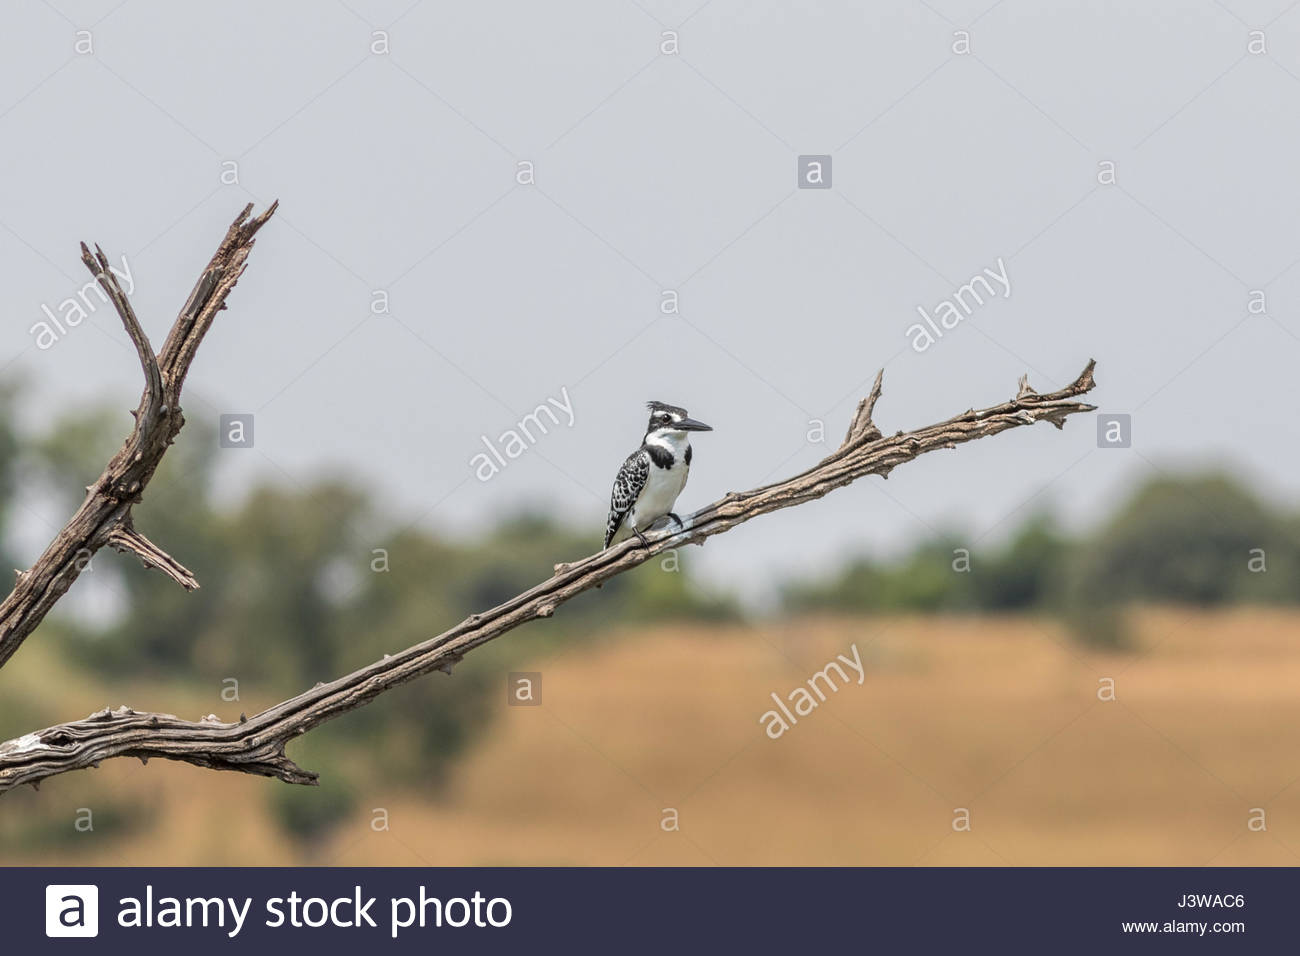 Ein Pied Kingfisher thront auf dem Ast eines Baumes tot Dorn in Pilanesberg National Park, Südafrika. Stockbild